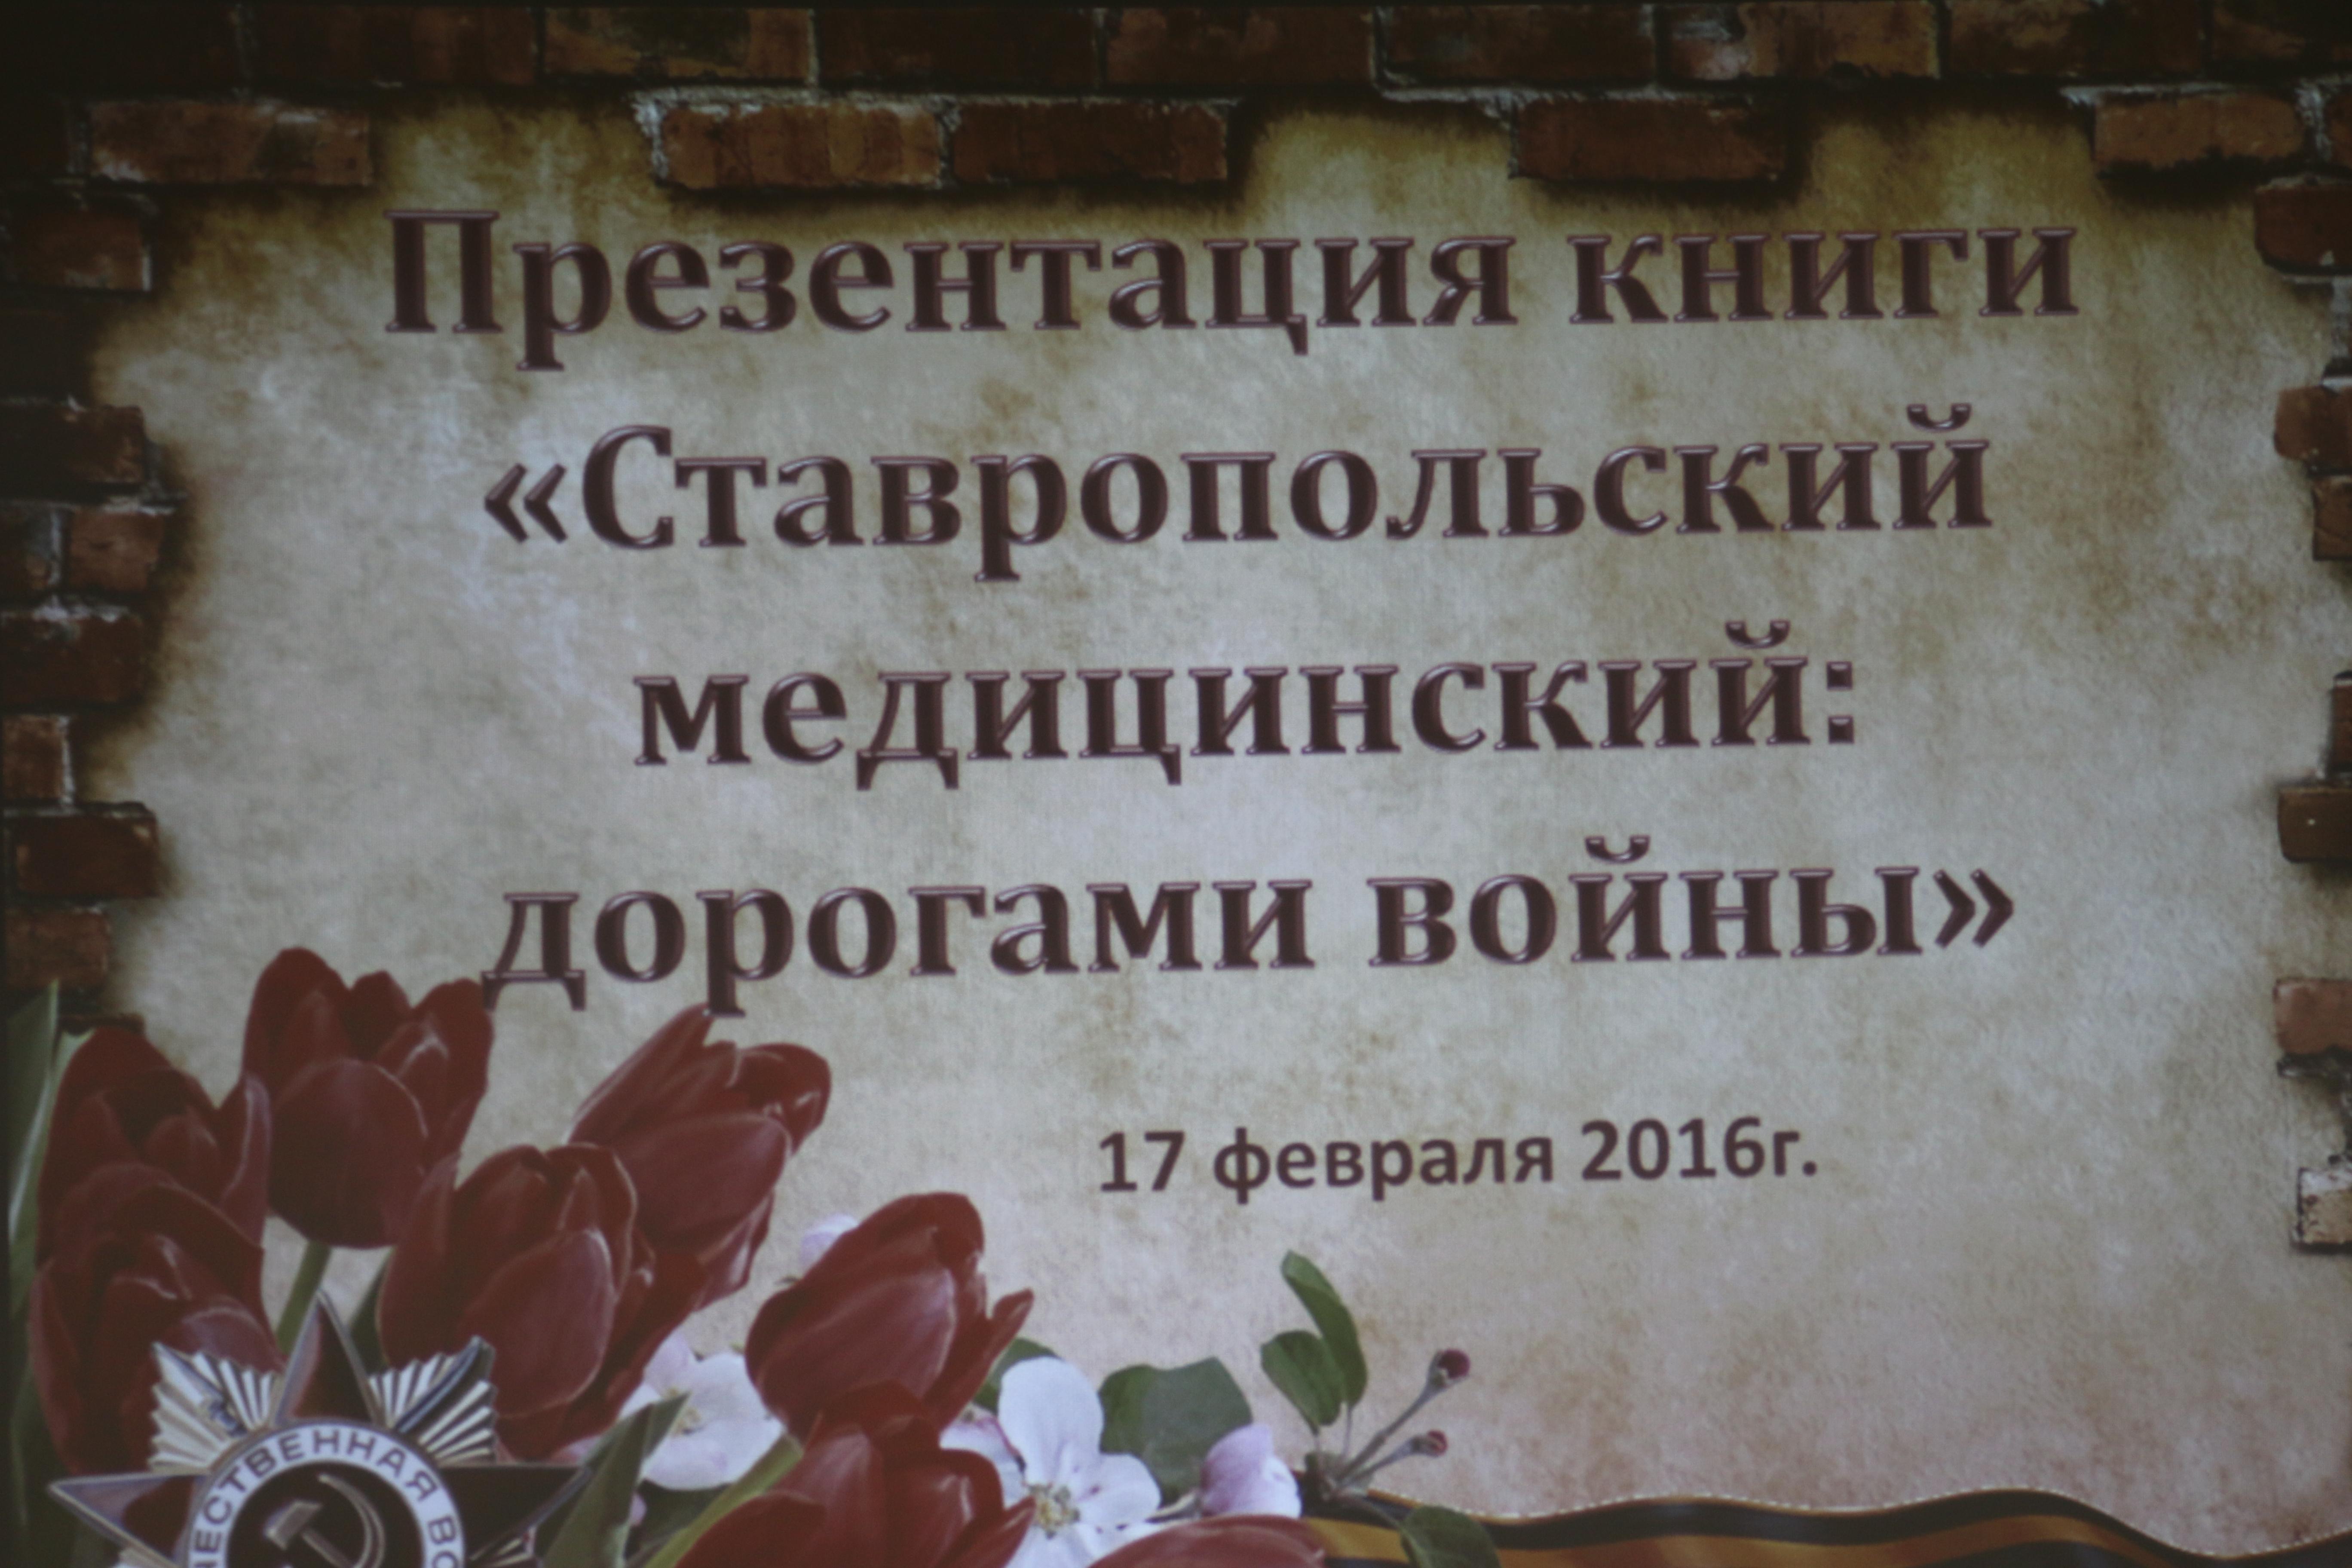 Утвержденный производственный календарь 2017 россия